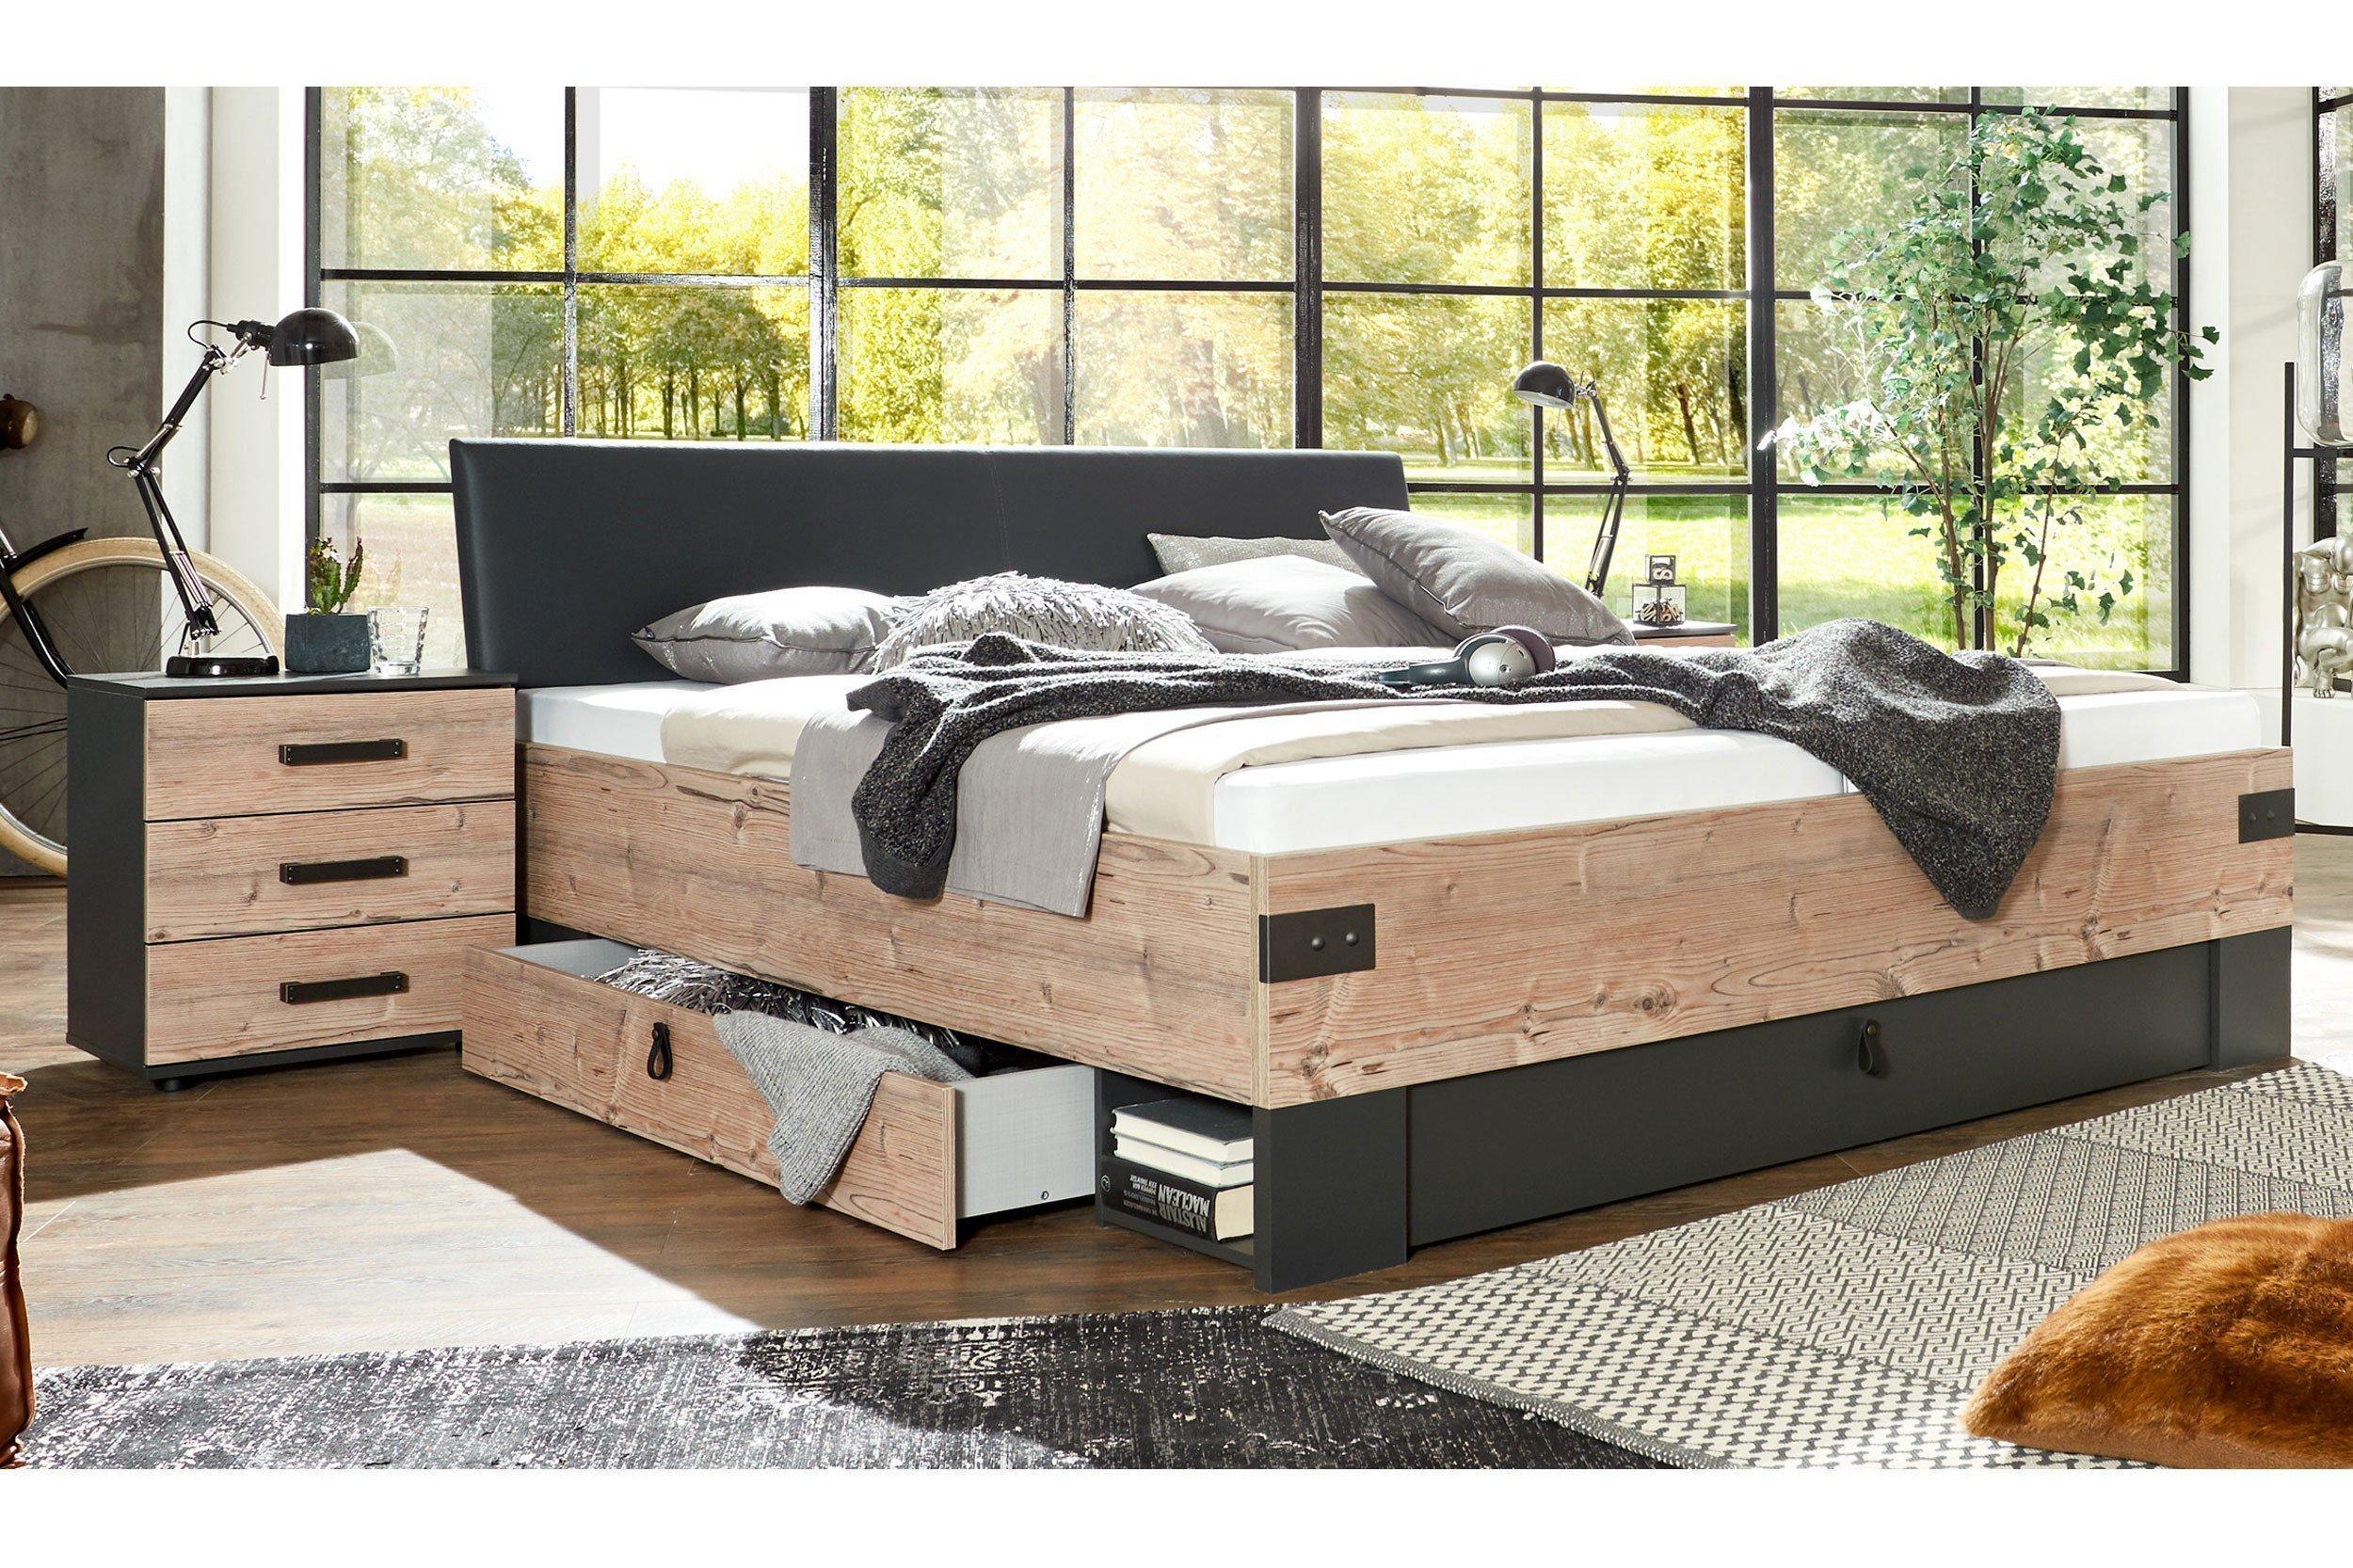 Full Size of Wimestockholm Stauraumbett Mit Schubksten Mbel Letz Ihr Ausklappbares Bett Wohnzimmer Klappbares Doppelbett